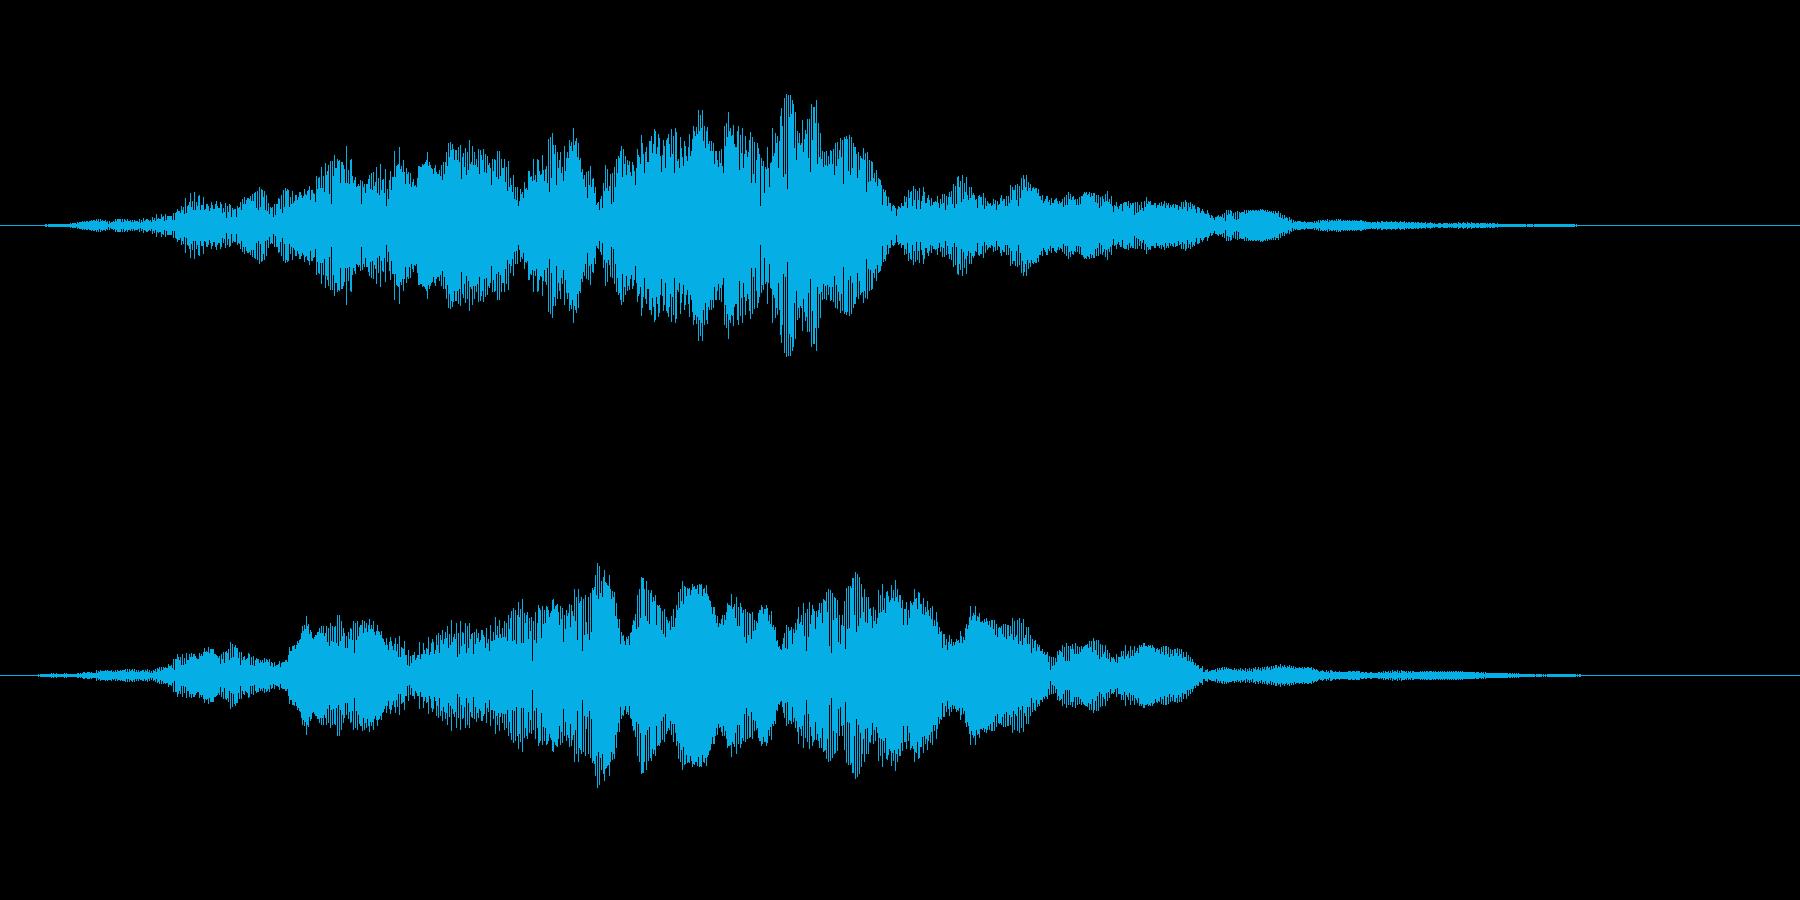 [効果音]天使の歌声、昇天の再生済みの波形